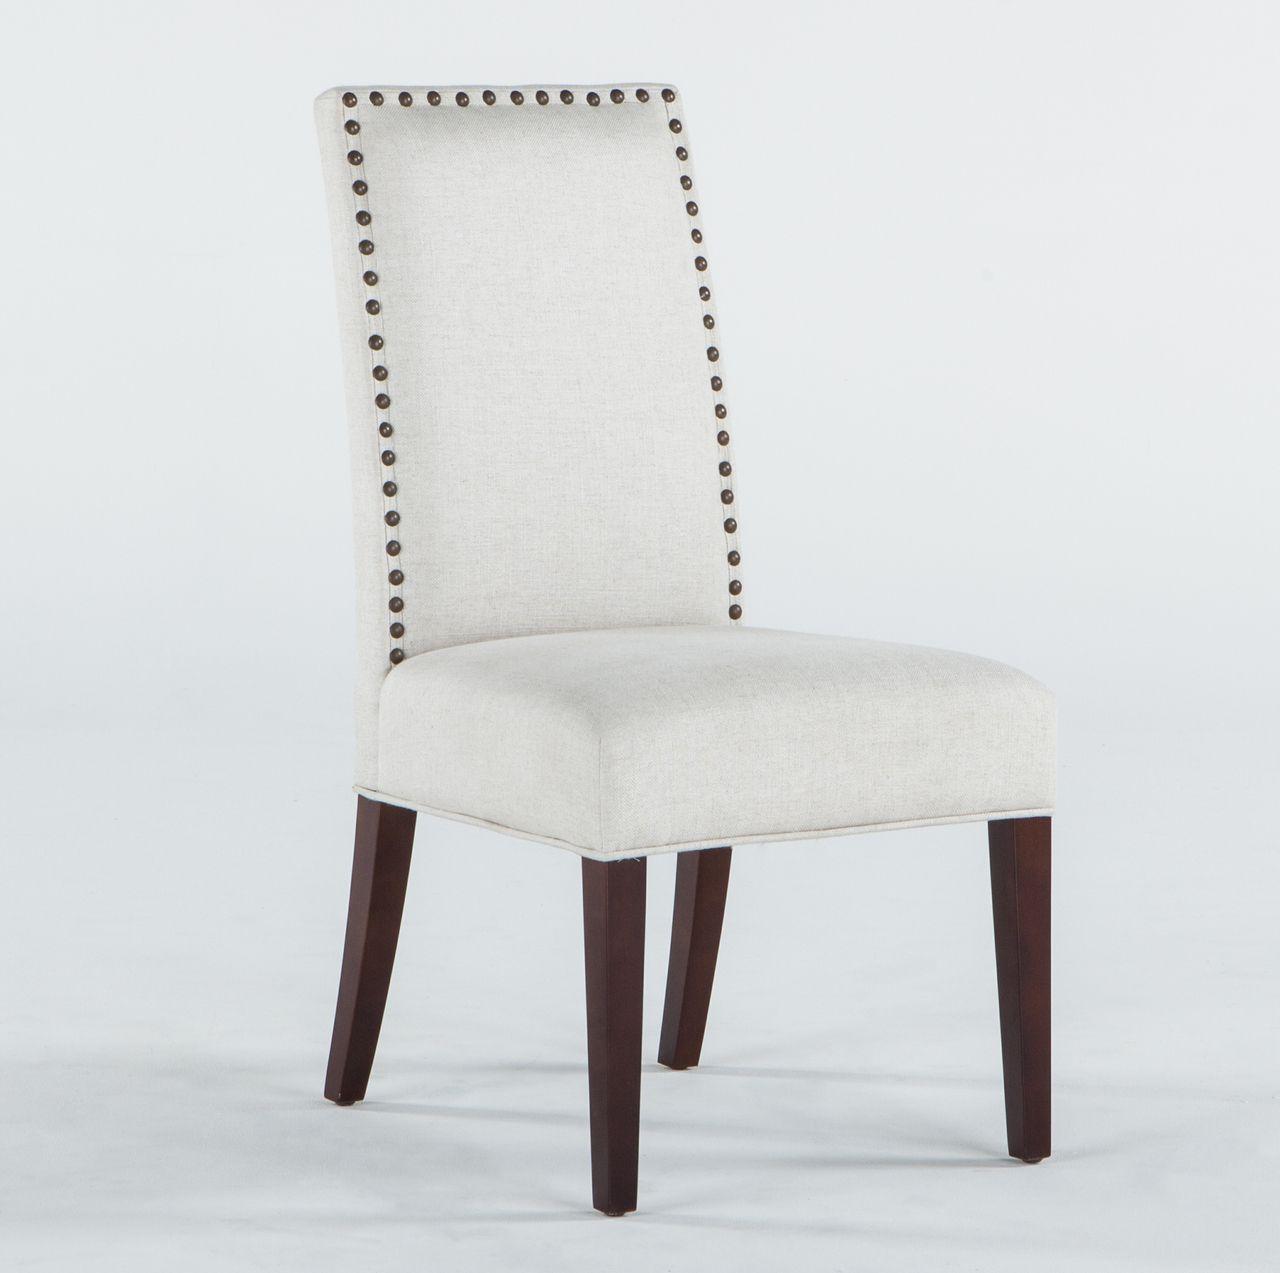 Crest Jones Chair, off-white, dark legs - Home Trends & Design ...